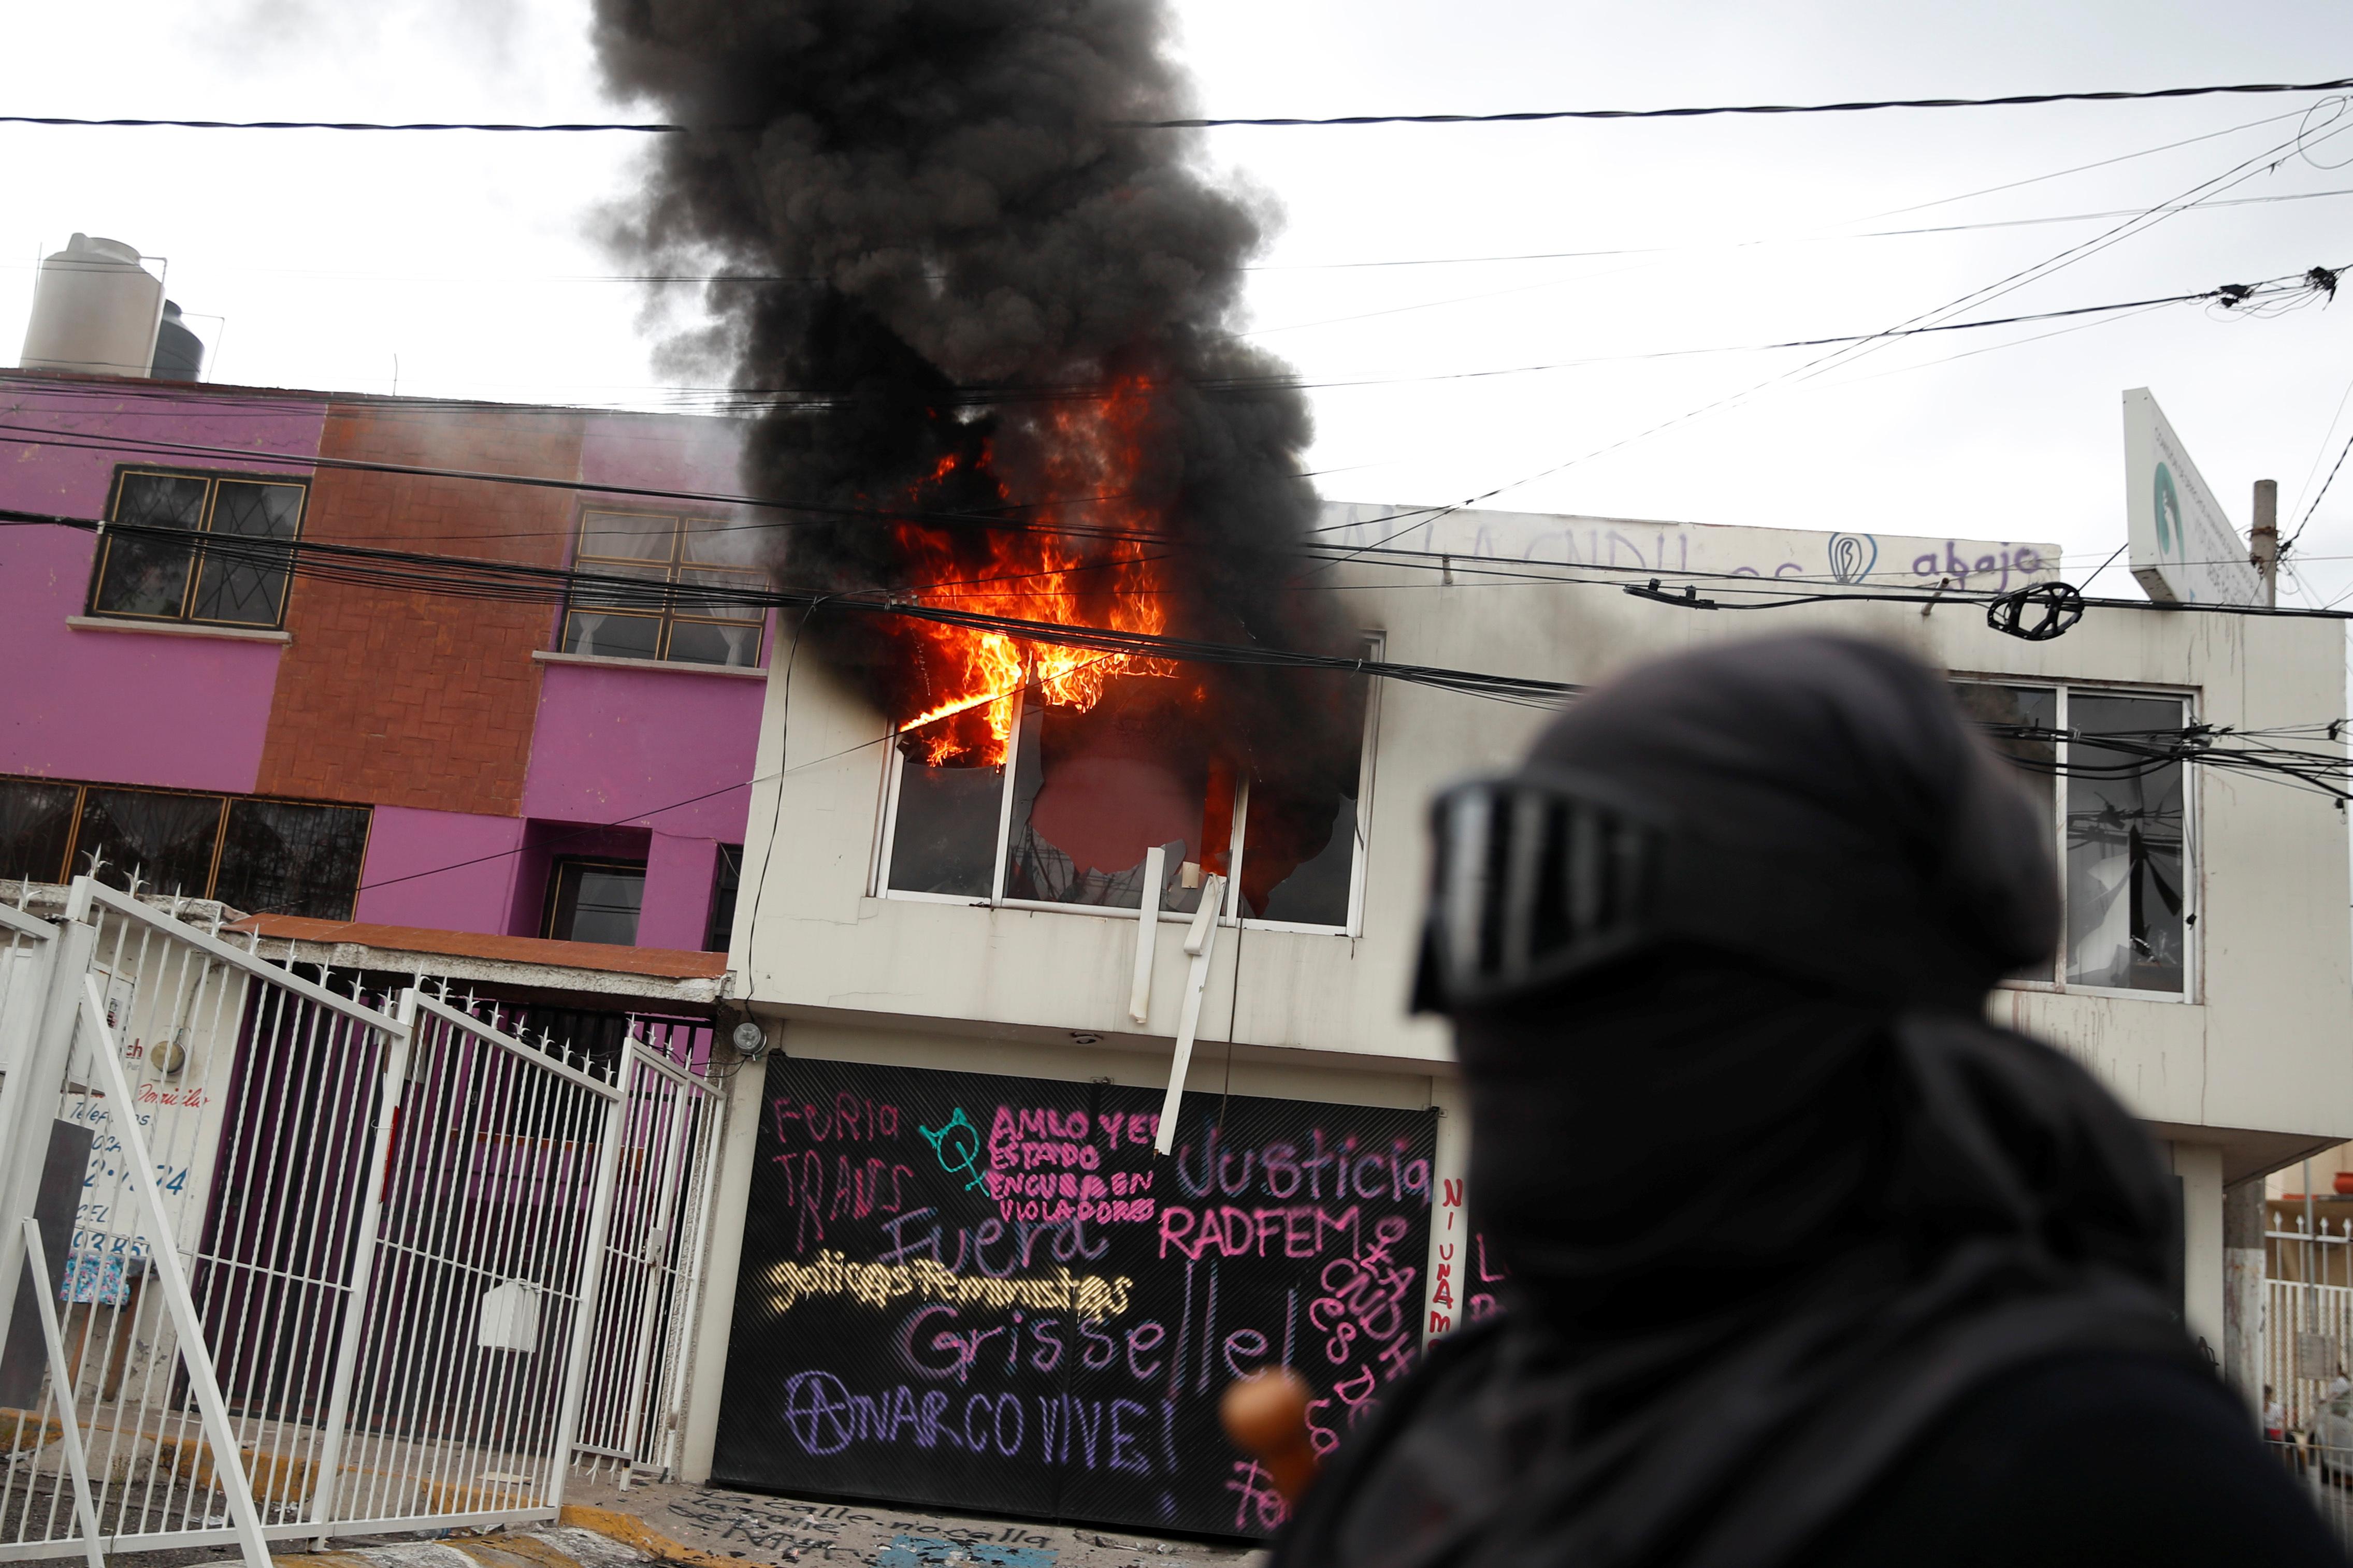 La organización Manada Periferia, cuyas afiliadas se apoderaron de las oficinas de la Comisión de Derechos Humanos del Estado de México (Codhem), entidad vecina de la capital, dijeron que sufrieron una violencia excesiva por parte de los agentes que recuperaron el edificio la madrugada del viernes.